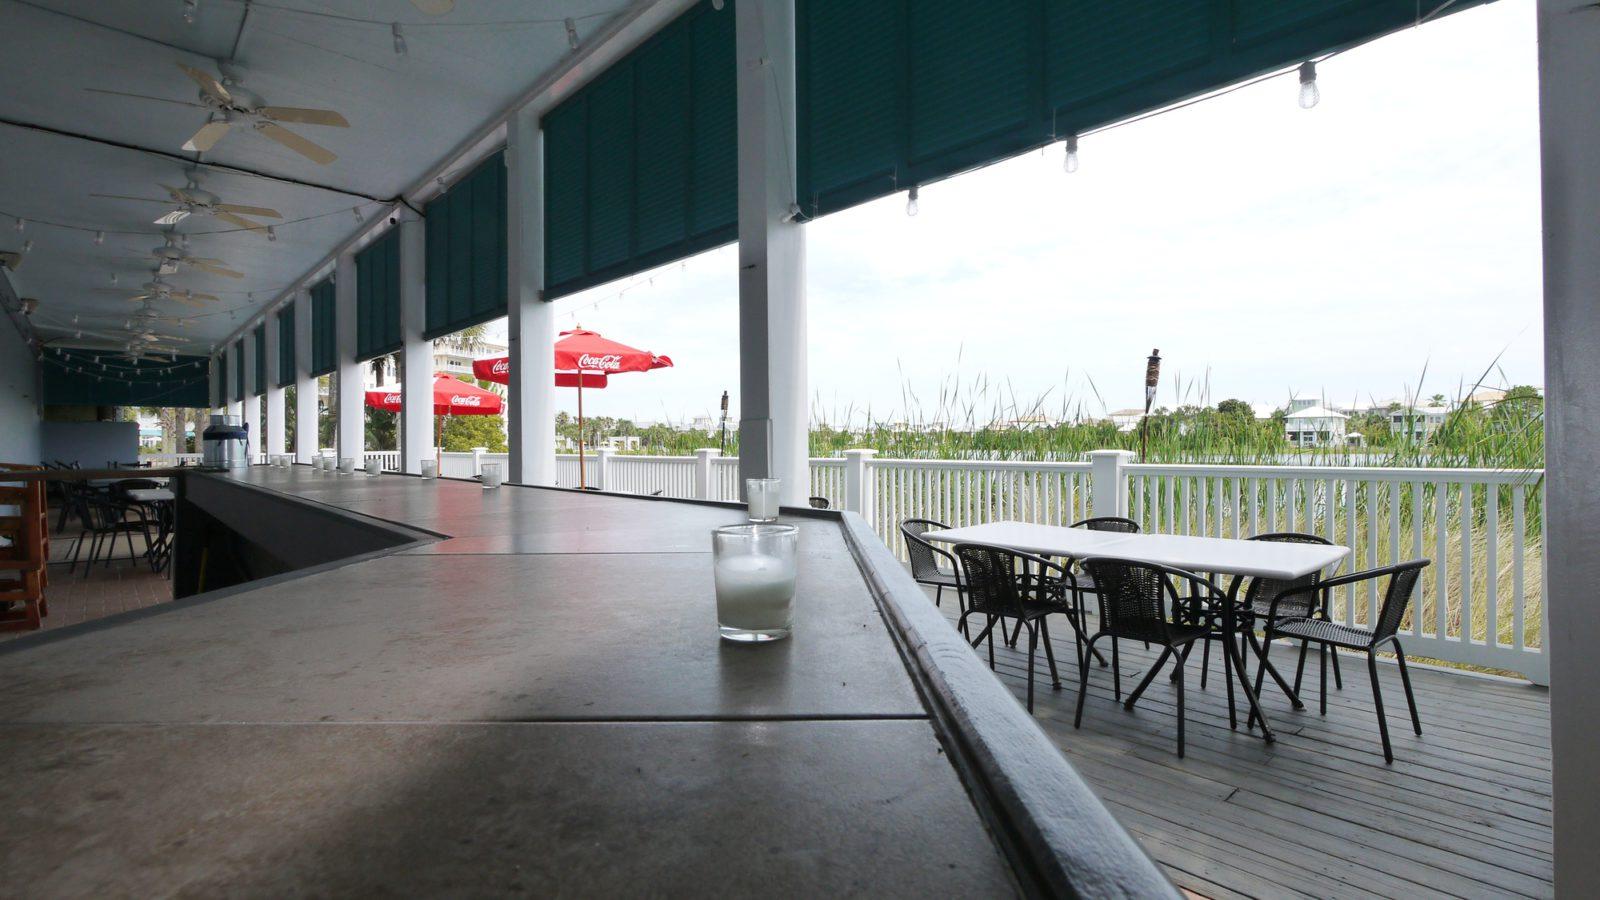 Our Little Beach Cafe Carillon Beach